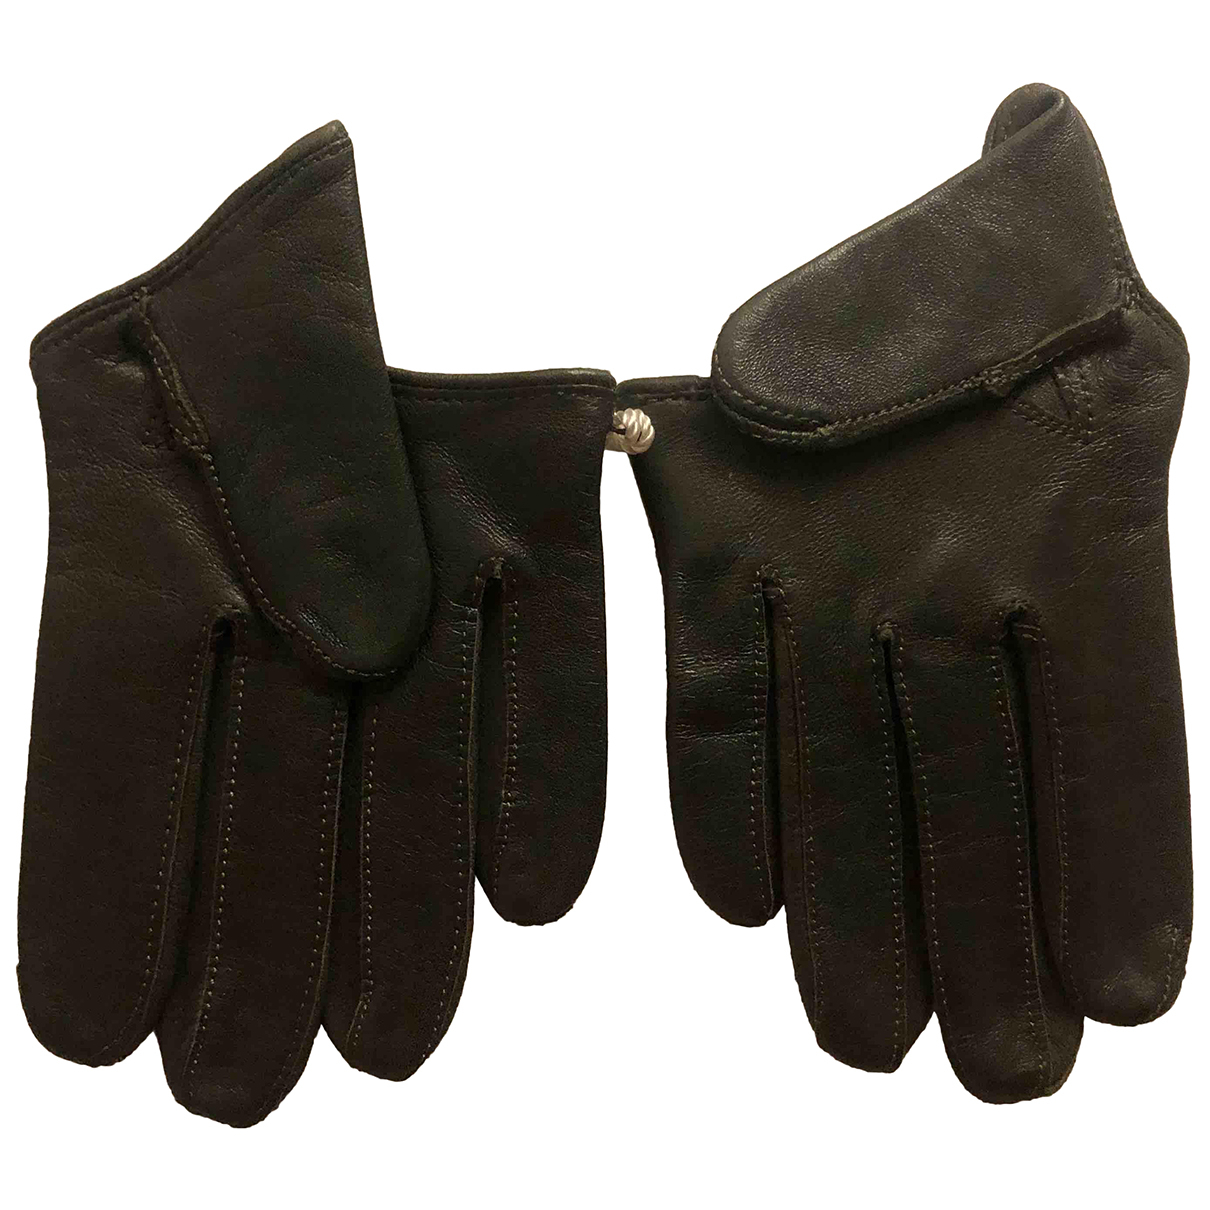 Maison Fabre N Khaki Leather Gloves for Women S International